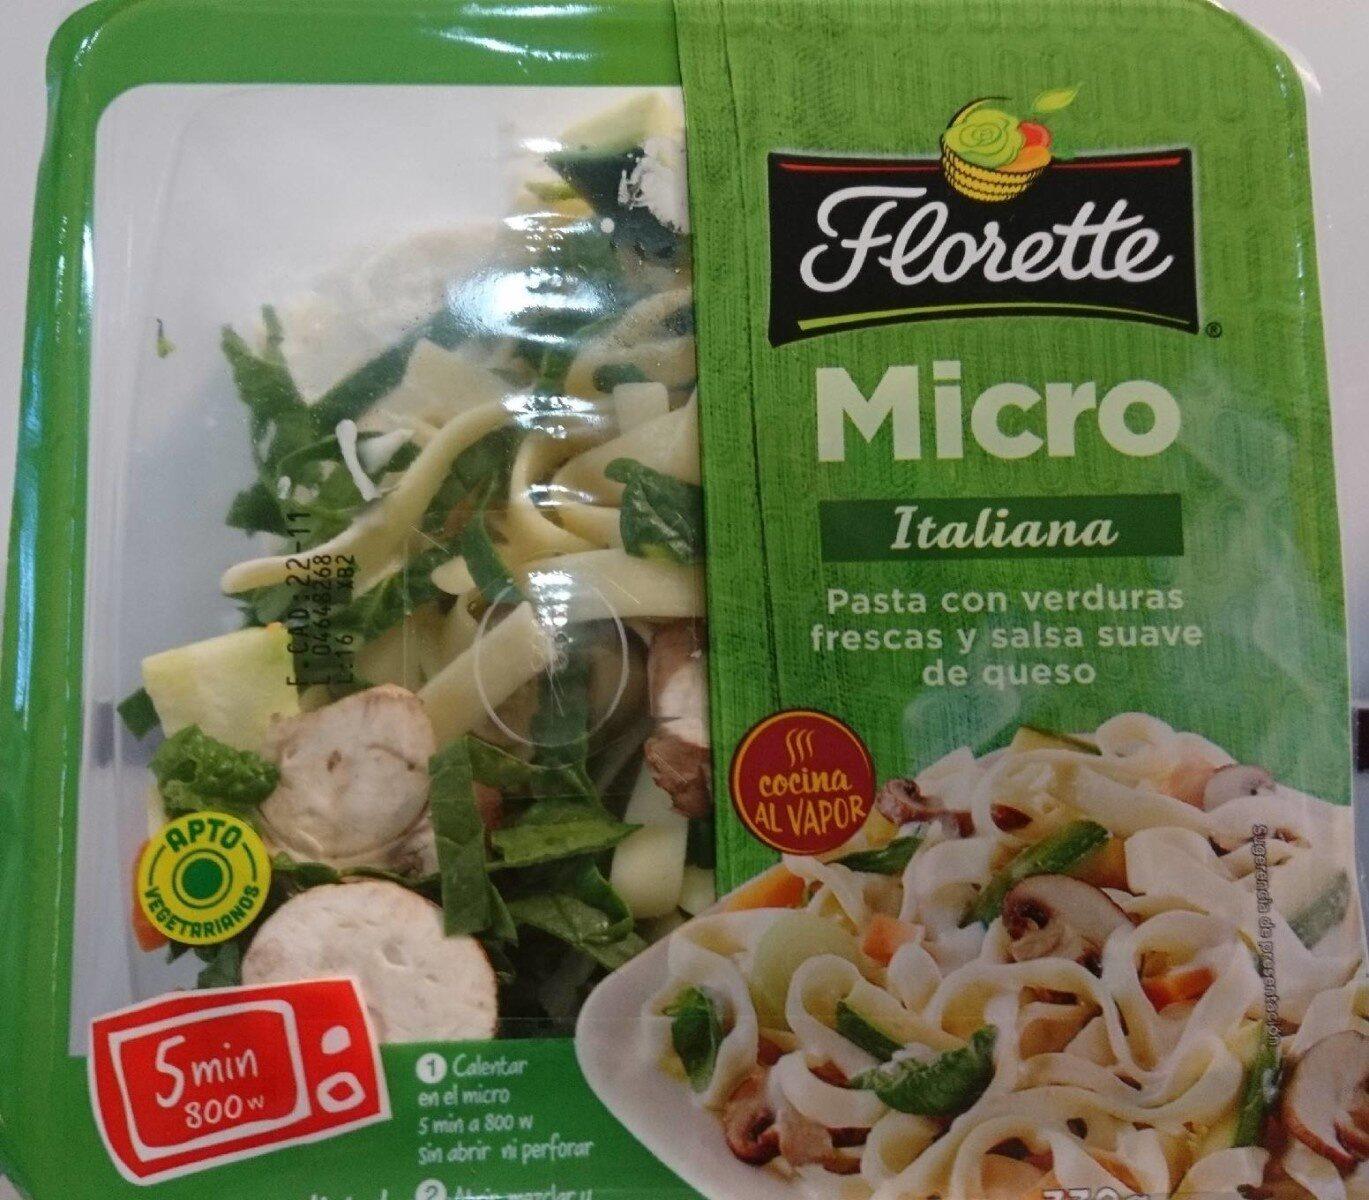 Florette Micro Italiana - Producte - es